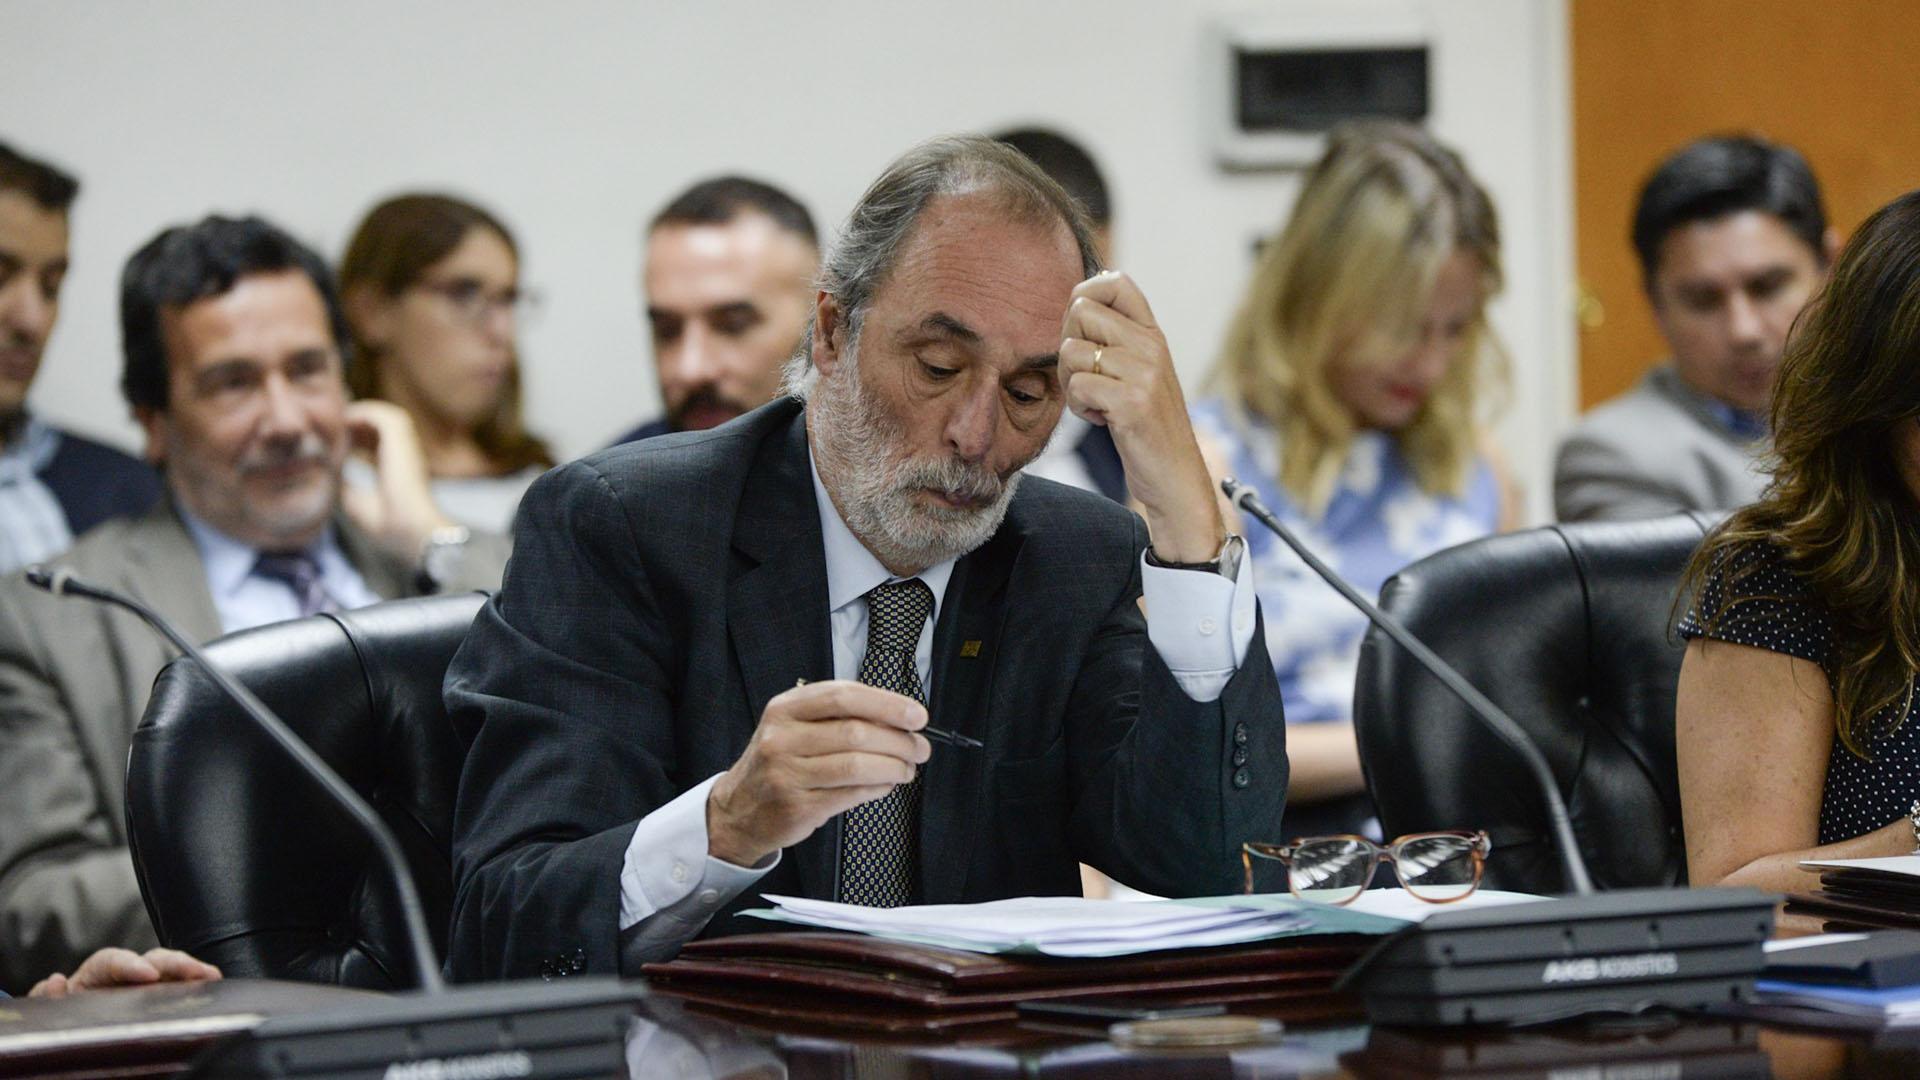 El diputado PabloTonelli, impulsor de la ley para que los jueces paguen Ganancias (J. Ferrario)